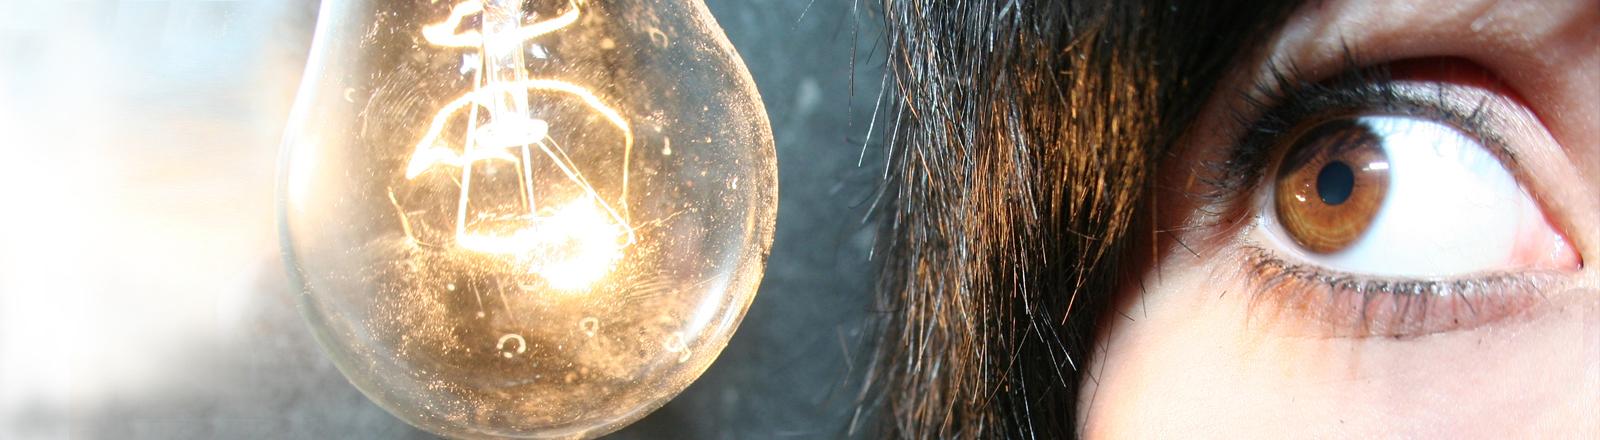 Eine Frau schaut ängstlich auf eine Glühbirne.